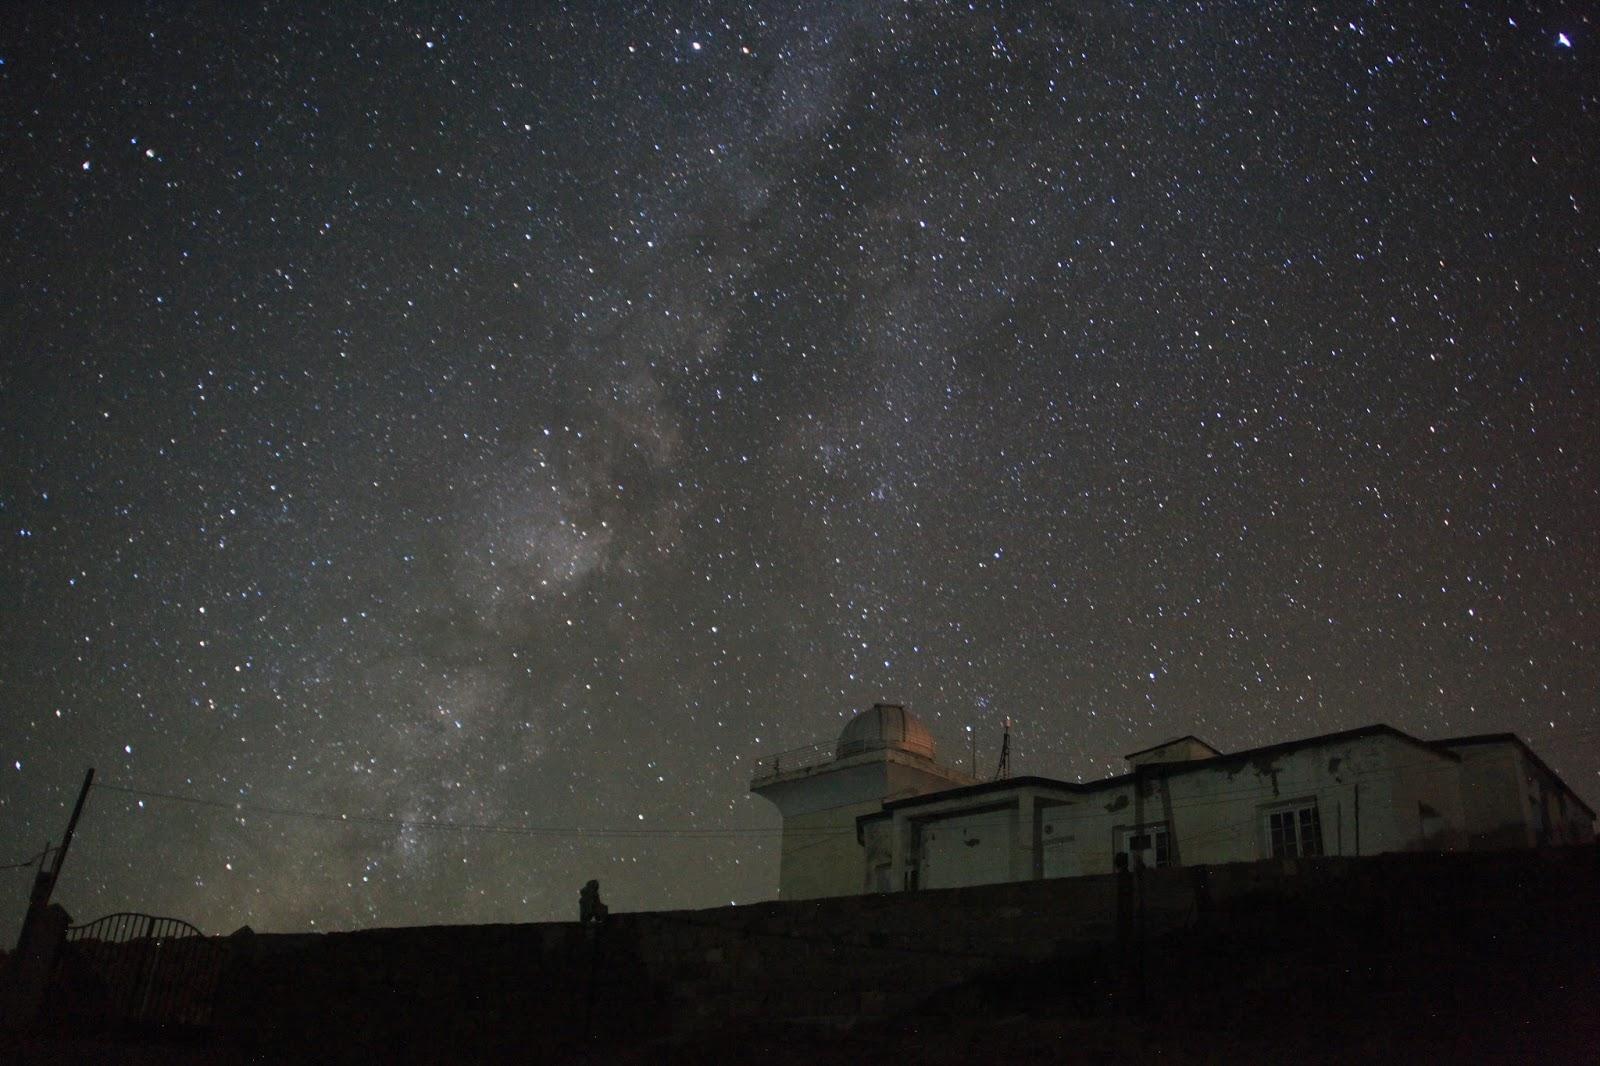 Rencontres astronomiques de courrieres